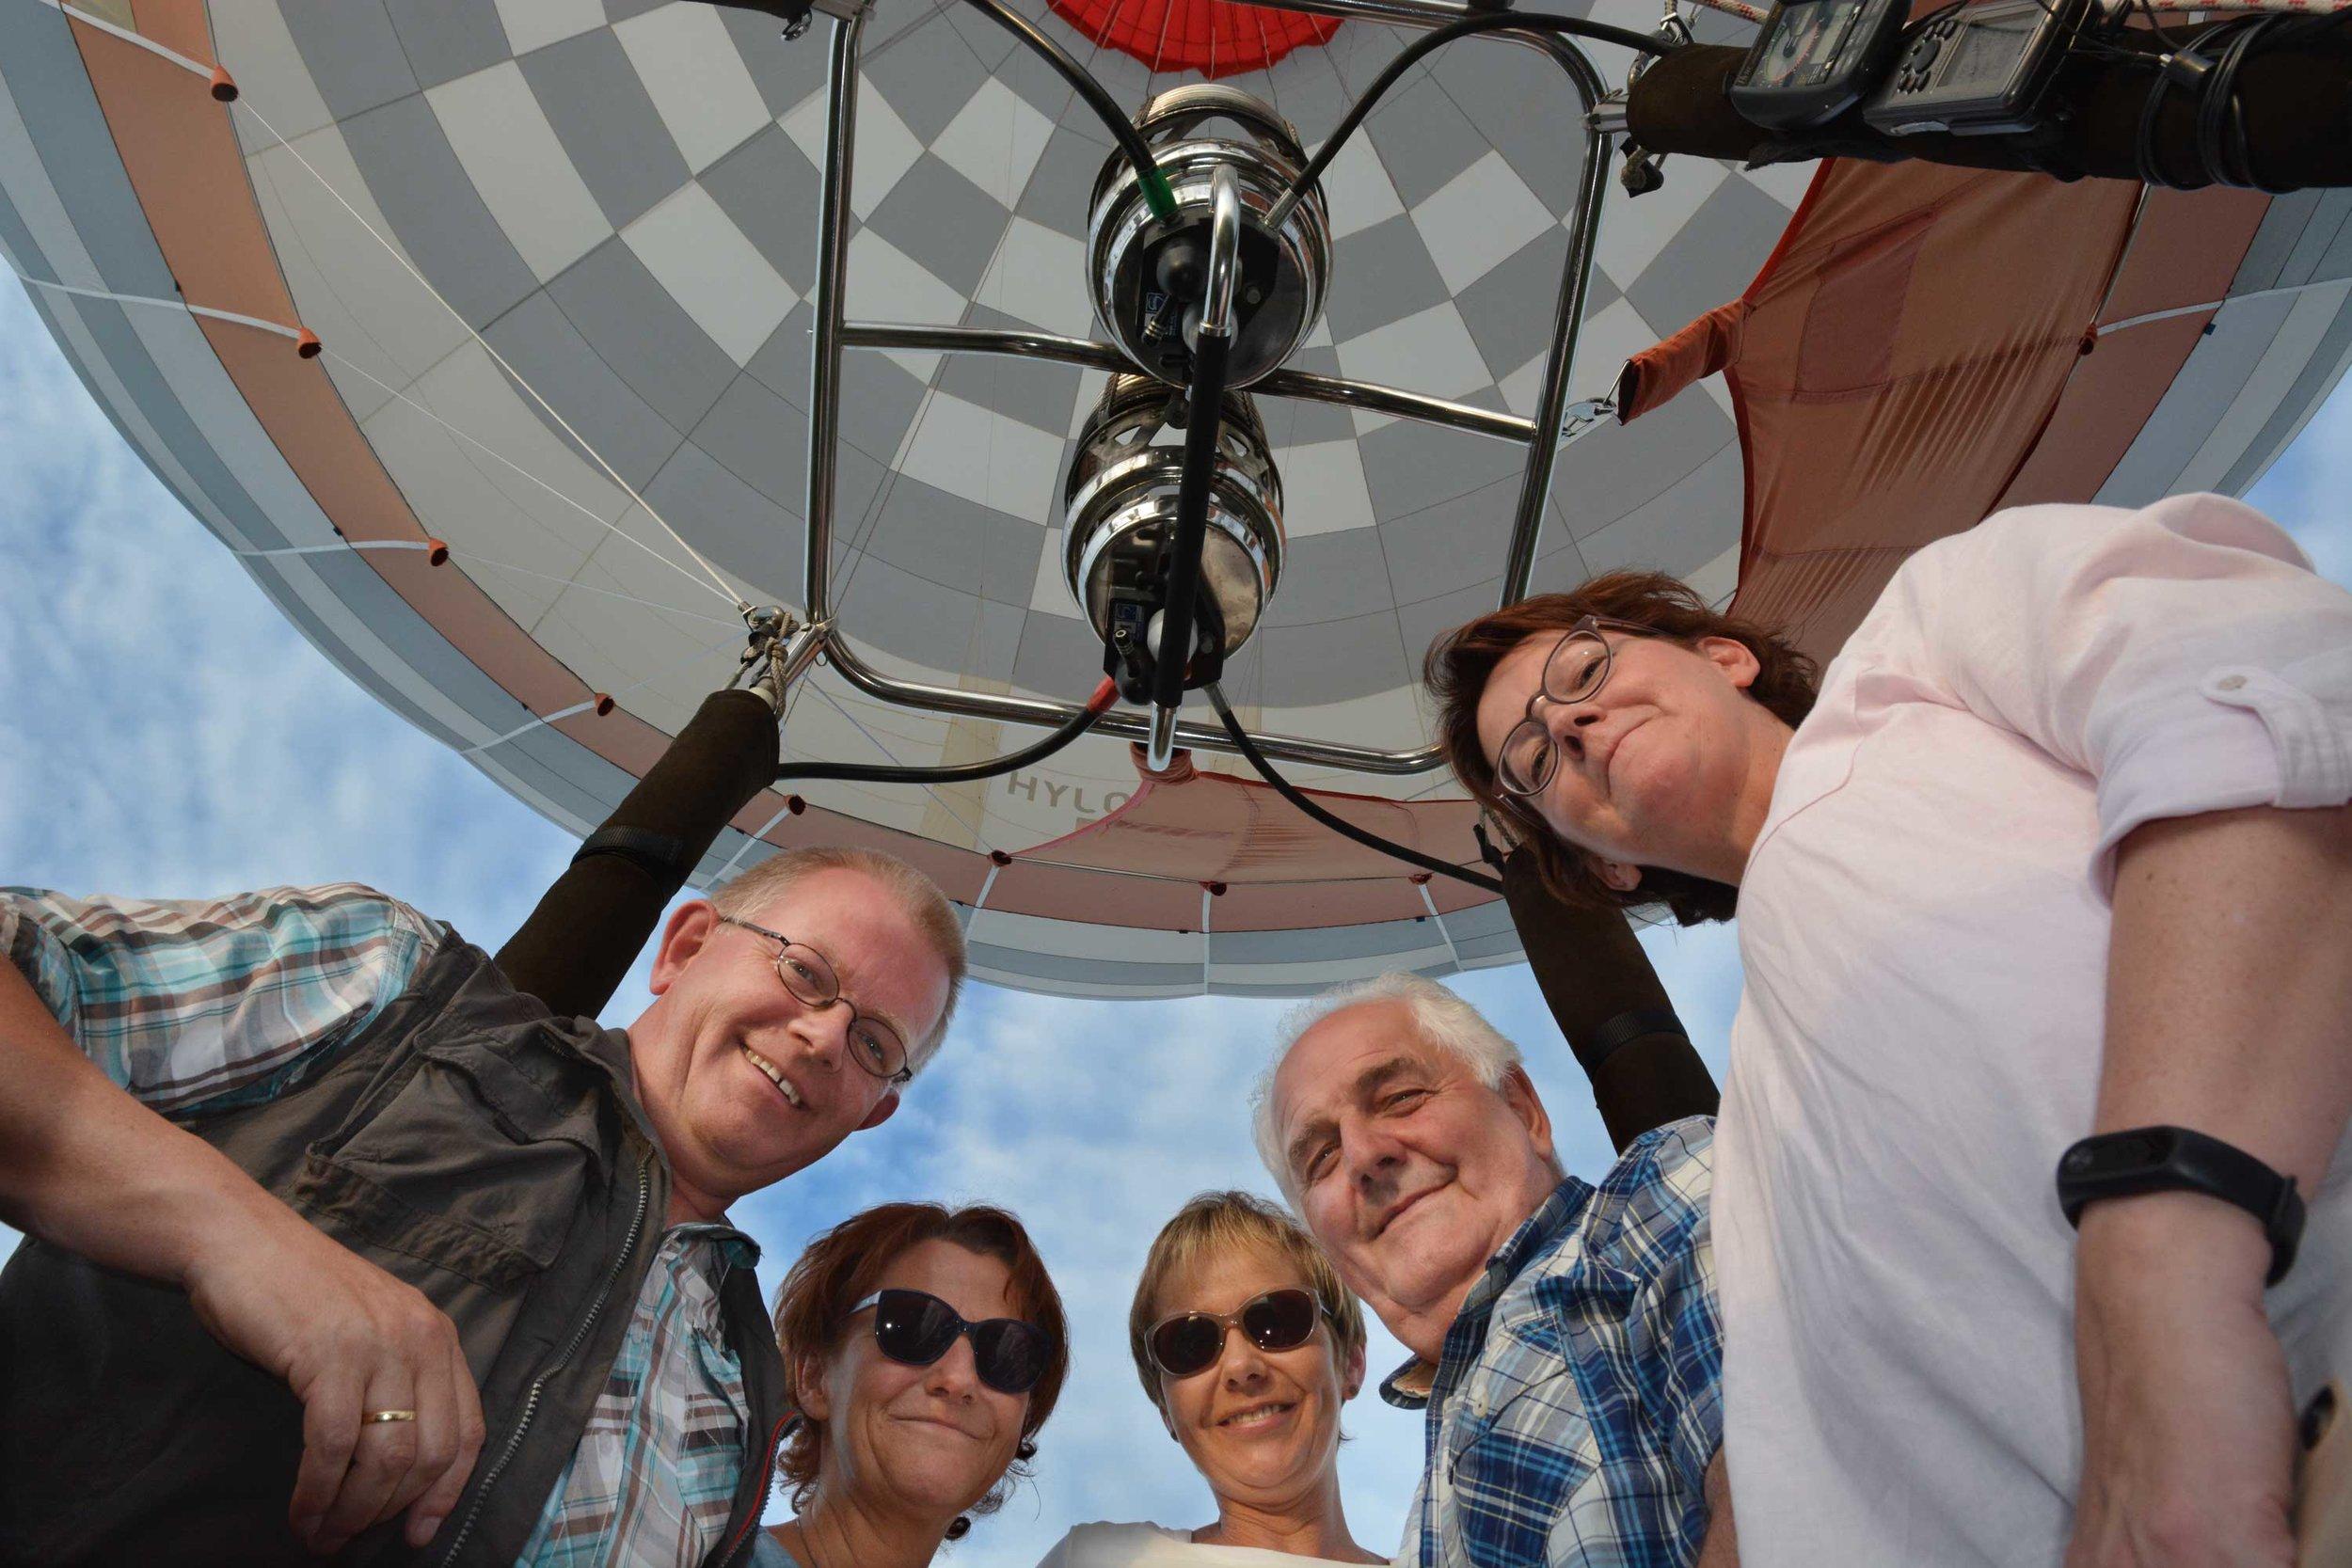 Georg Geers, Petra Klune, Beate Schulte, Theo Stottmann und Andrea Stalfort genossen die lautlose Ballonfahrt an dem lauen Sommerabend